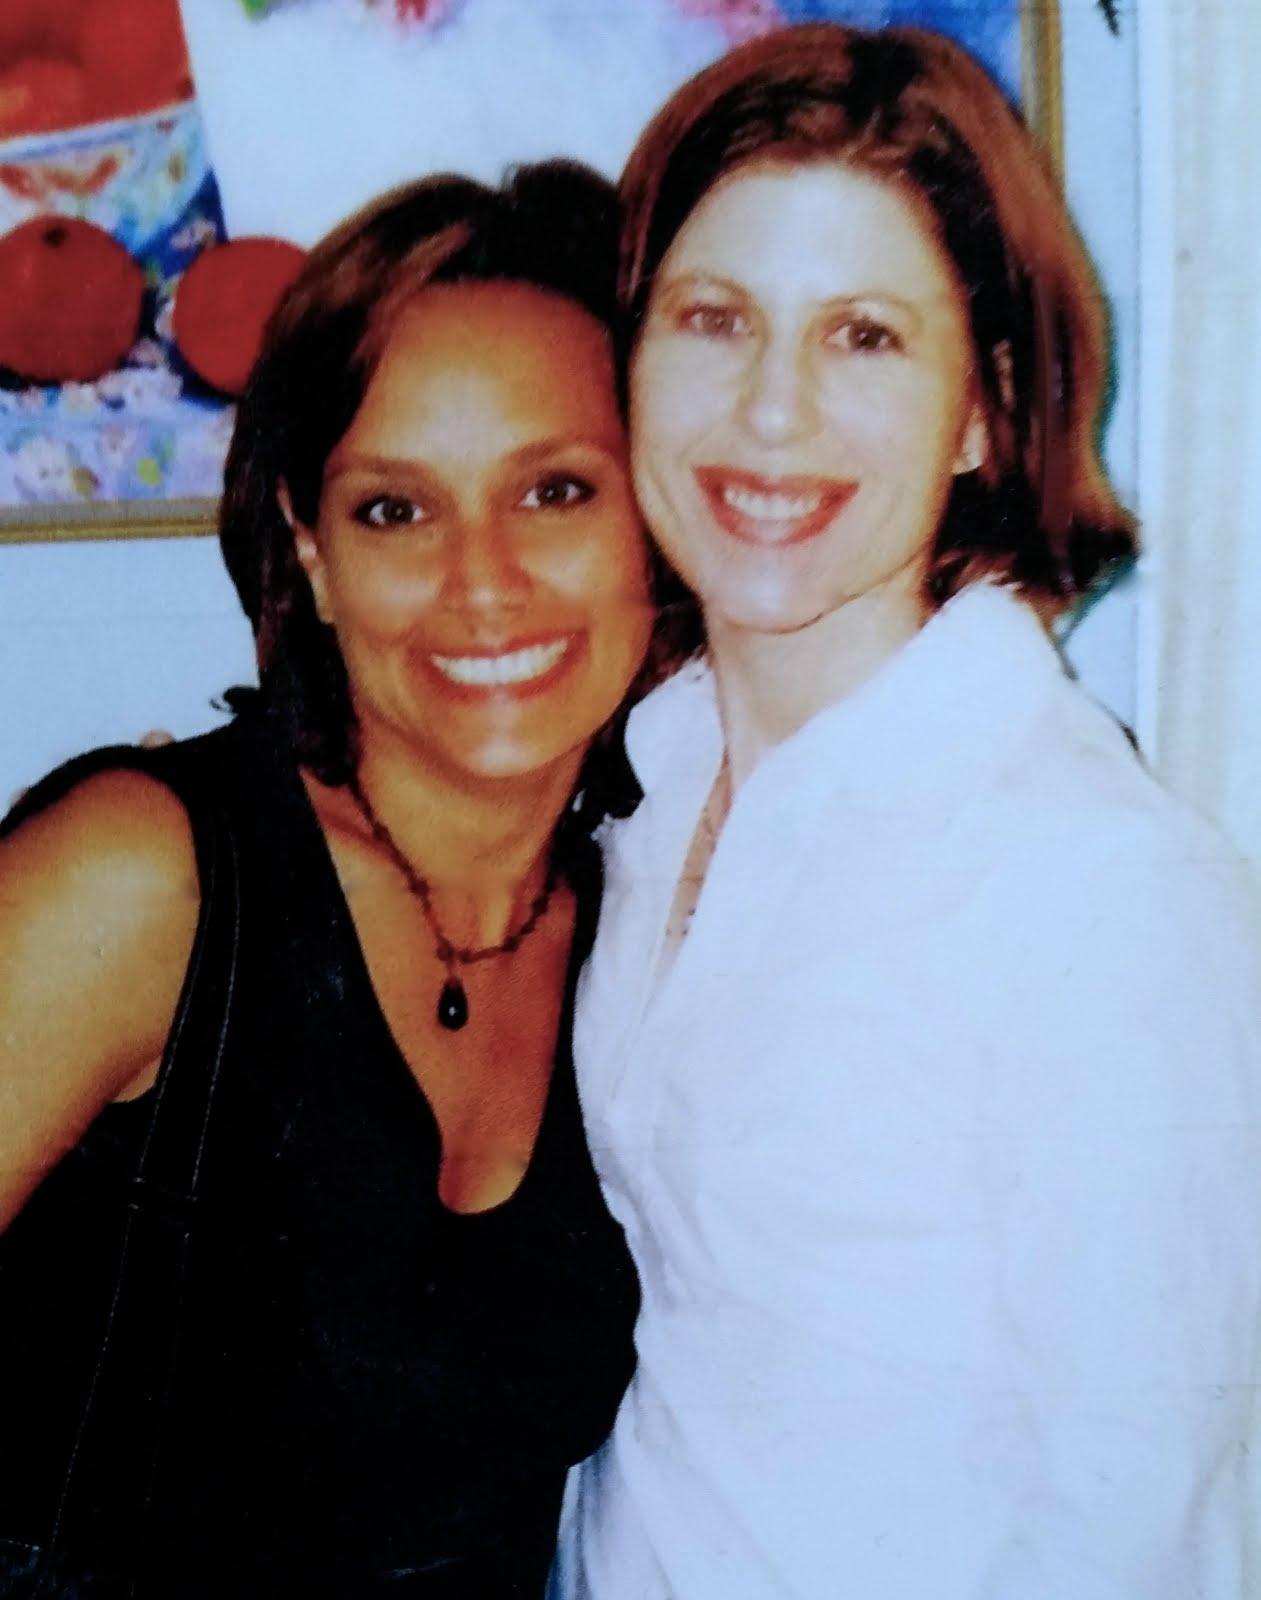 Kristin & Me